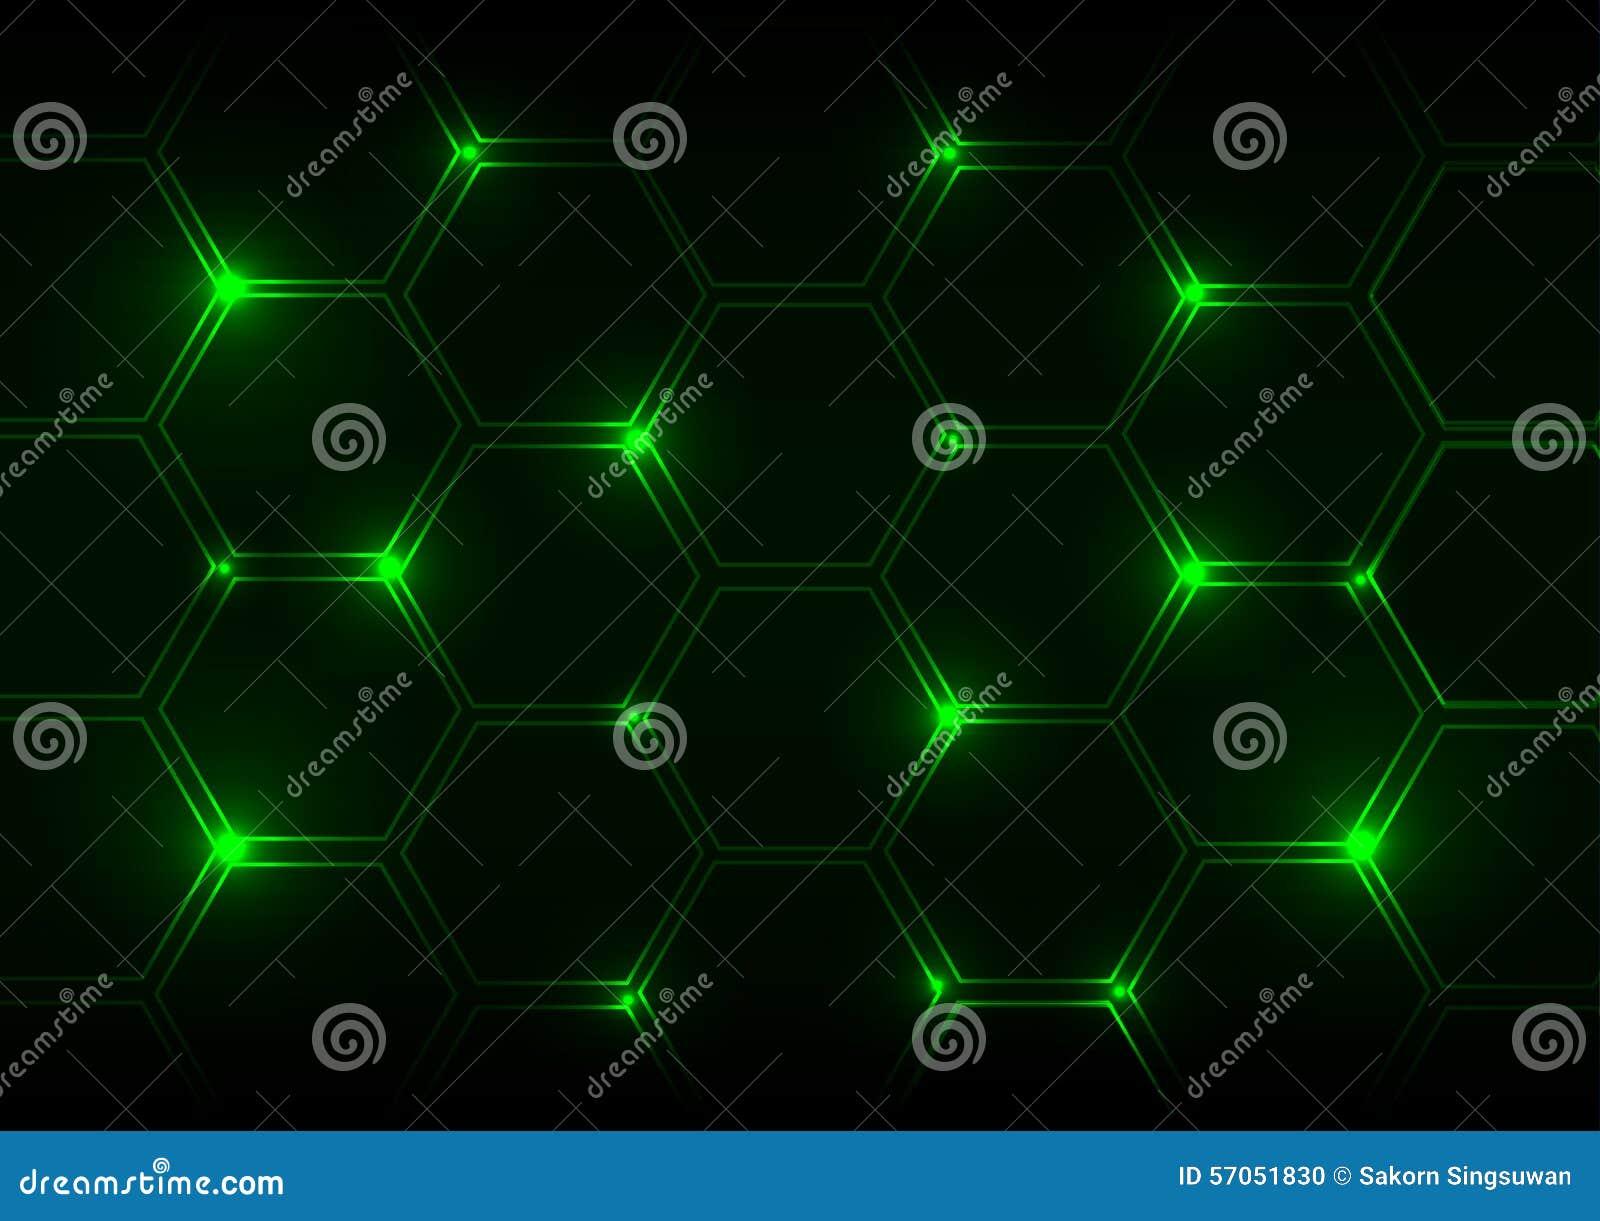 Abstracte groen lichtachtergrond met zeshoeken